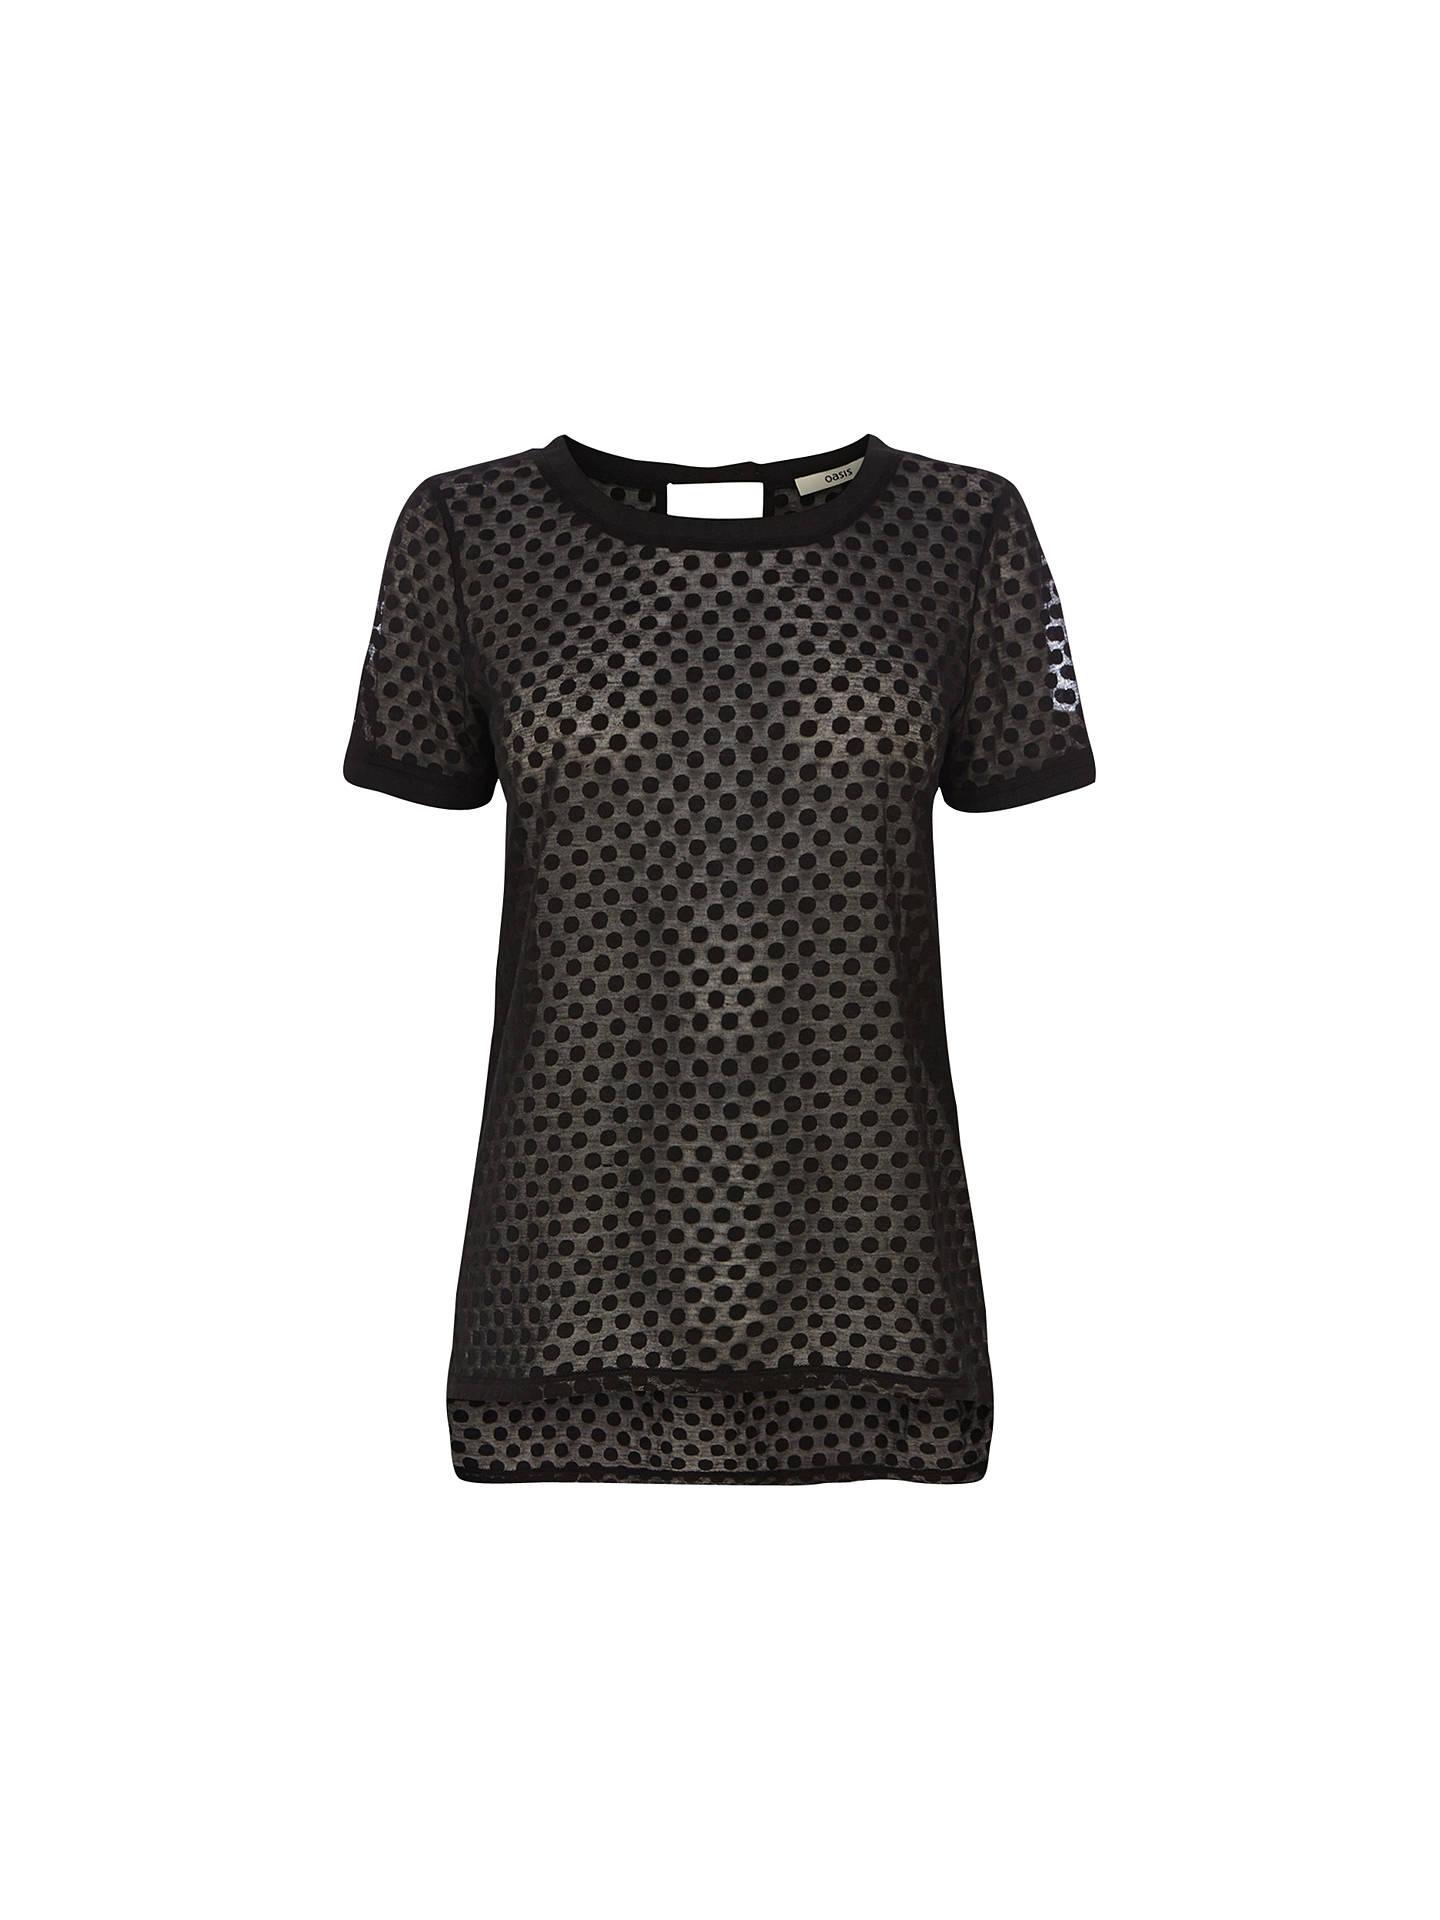 c5e9e7328d2b4a Buy Oasis Spot Burnout T-Shirt, Black, XS Online at johnlewis.com ...